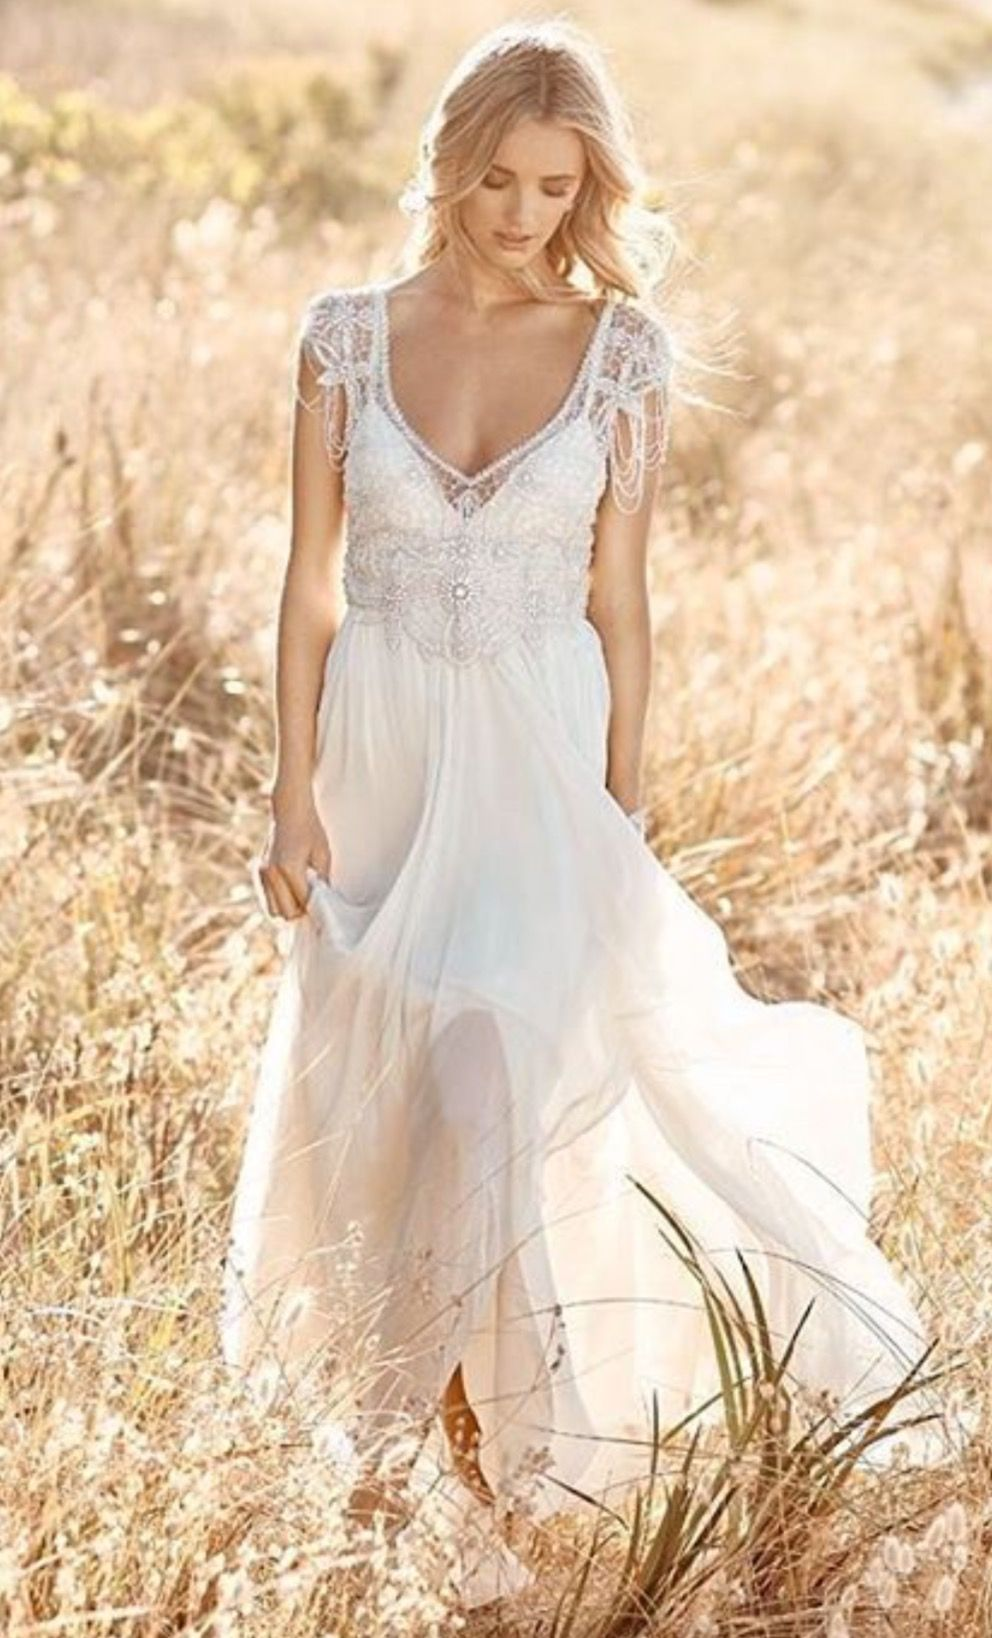 Pin von Tammy Baker auf Boho | Pinterest | Traum-Hochzeit, Outdoor ...